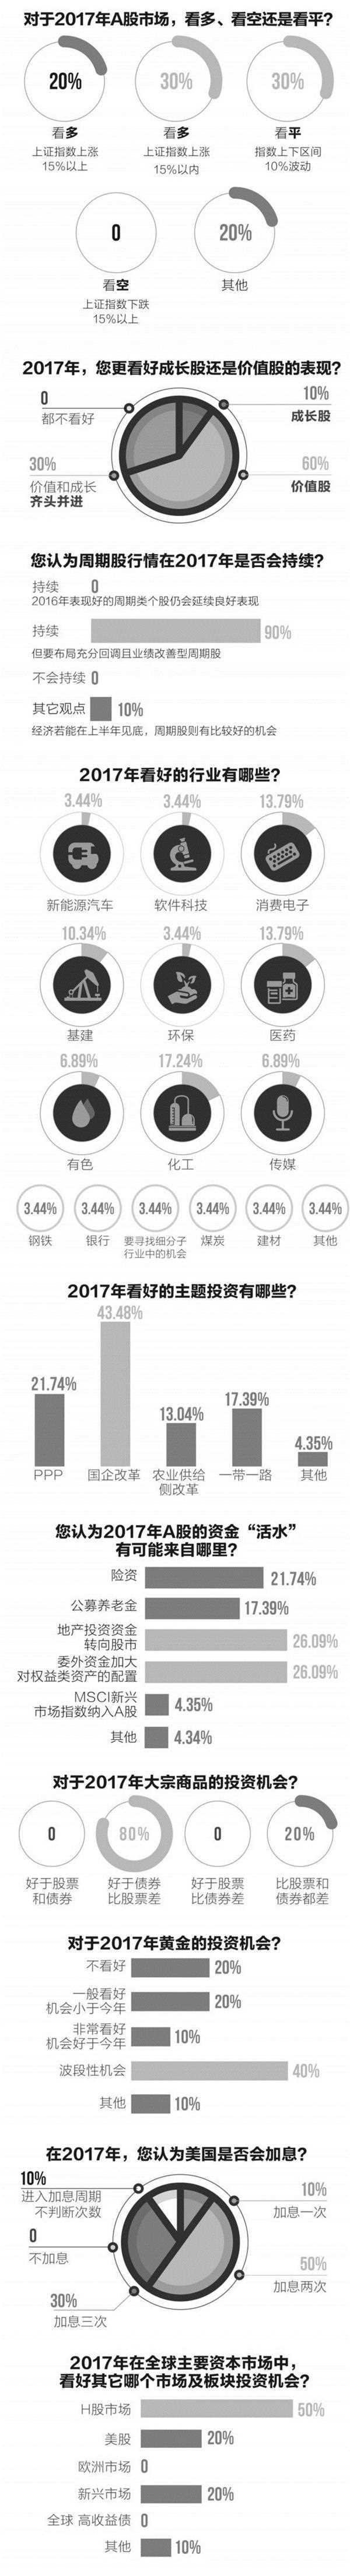 十大百亿级私募问卷调查:2017周期股行情将持续活水或来源于五大泉口